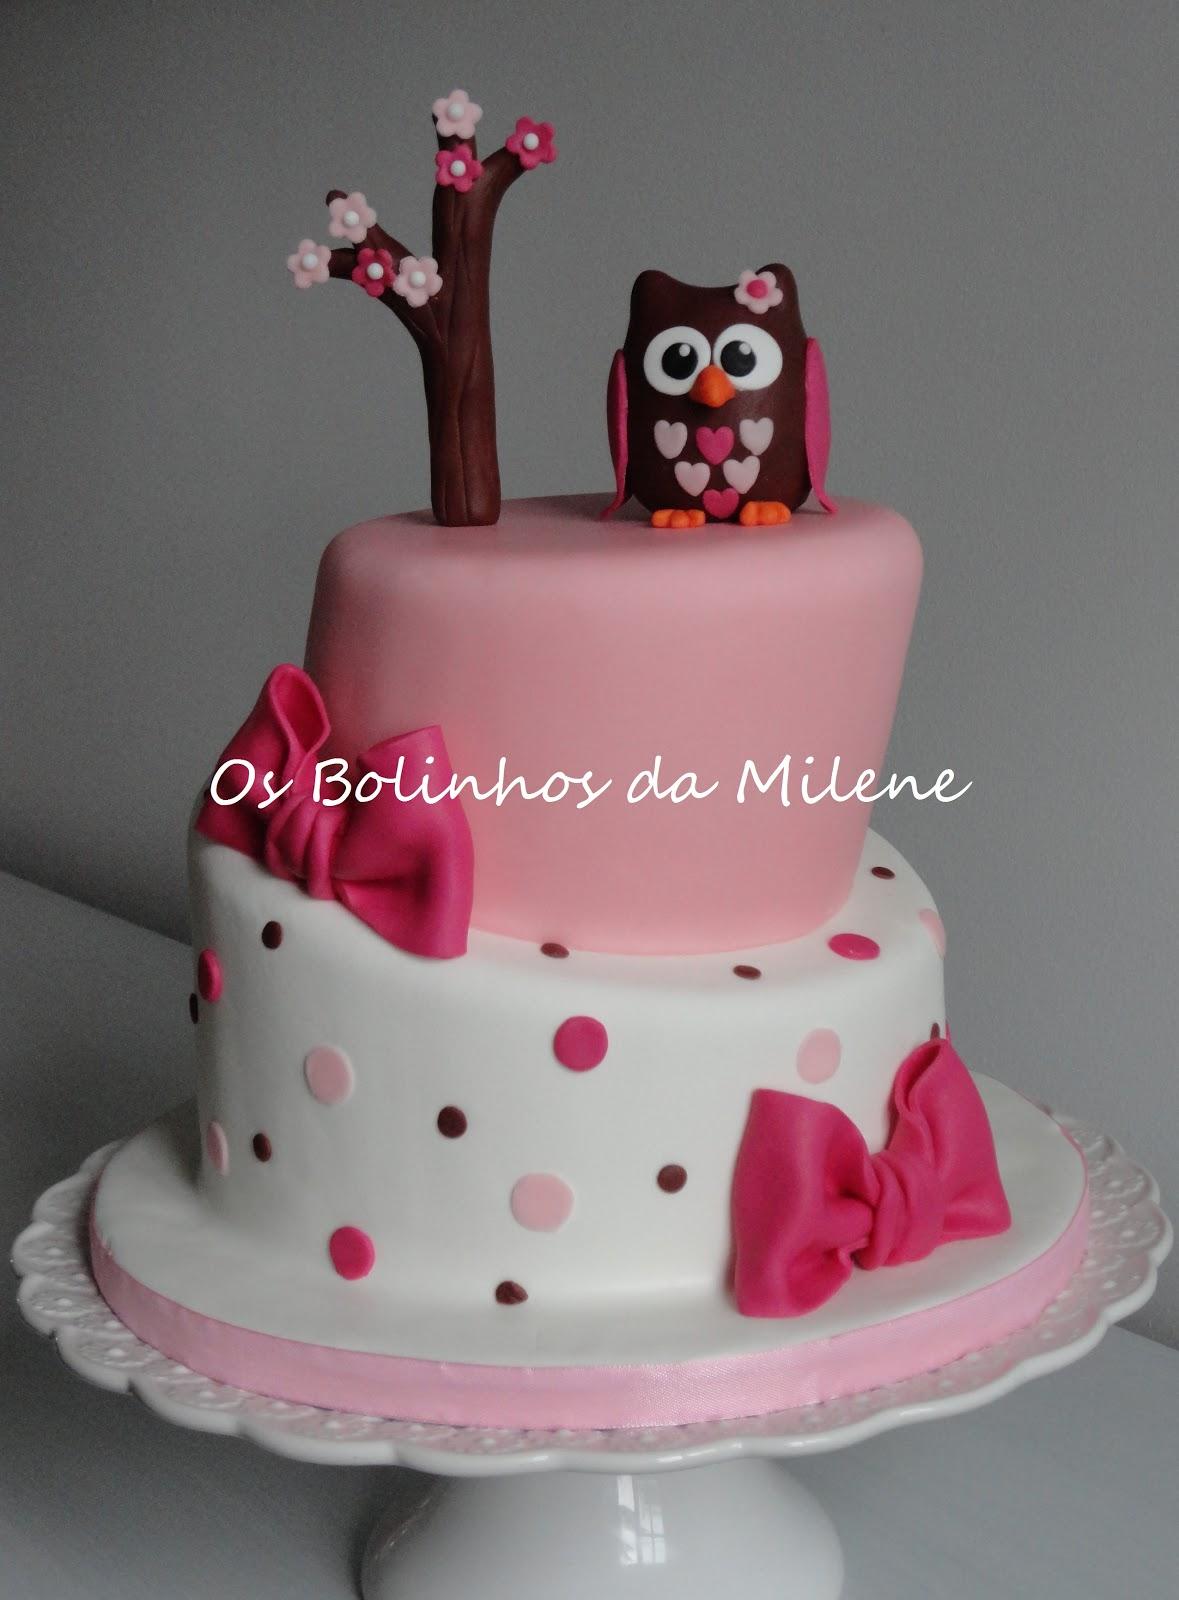 Cake Design Lisboa Encomendas : Cake Pops Portugal : . . Os Bolinhos da Milene: Bolo ...